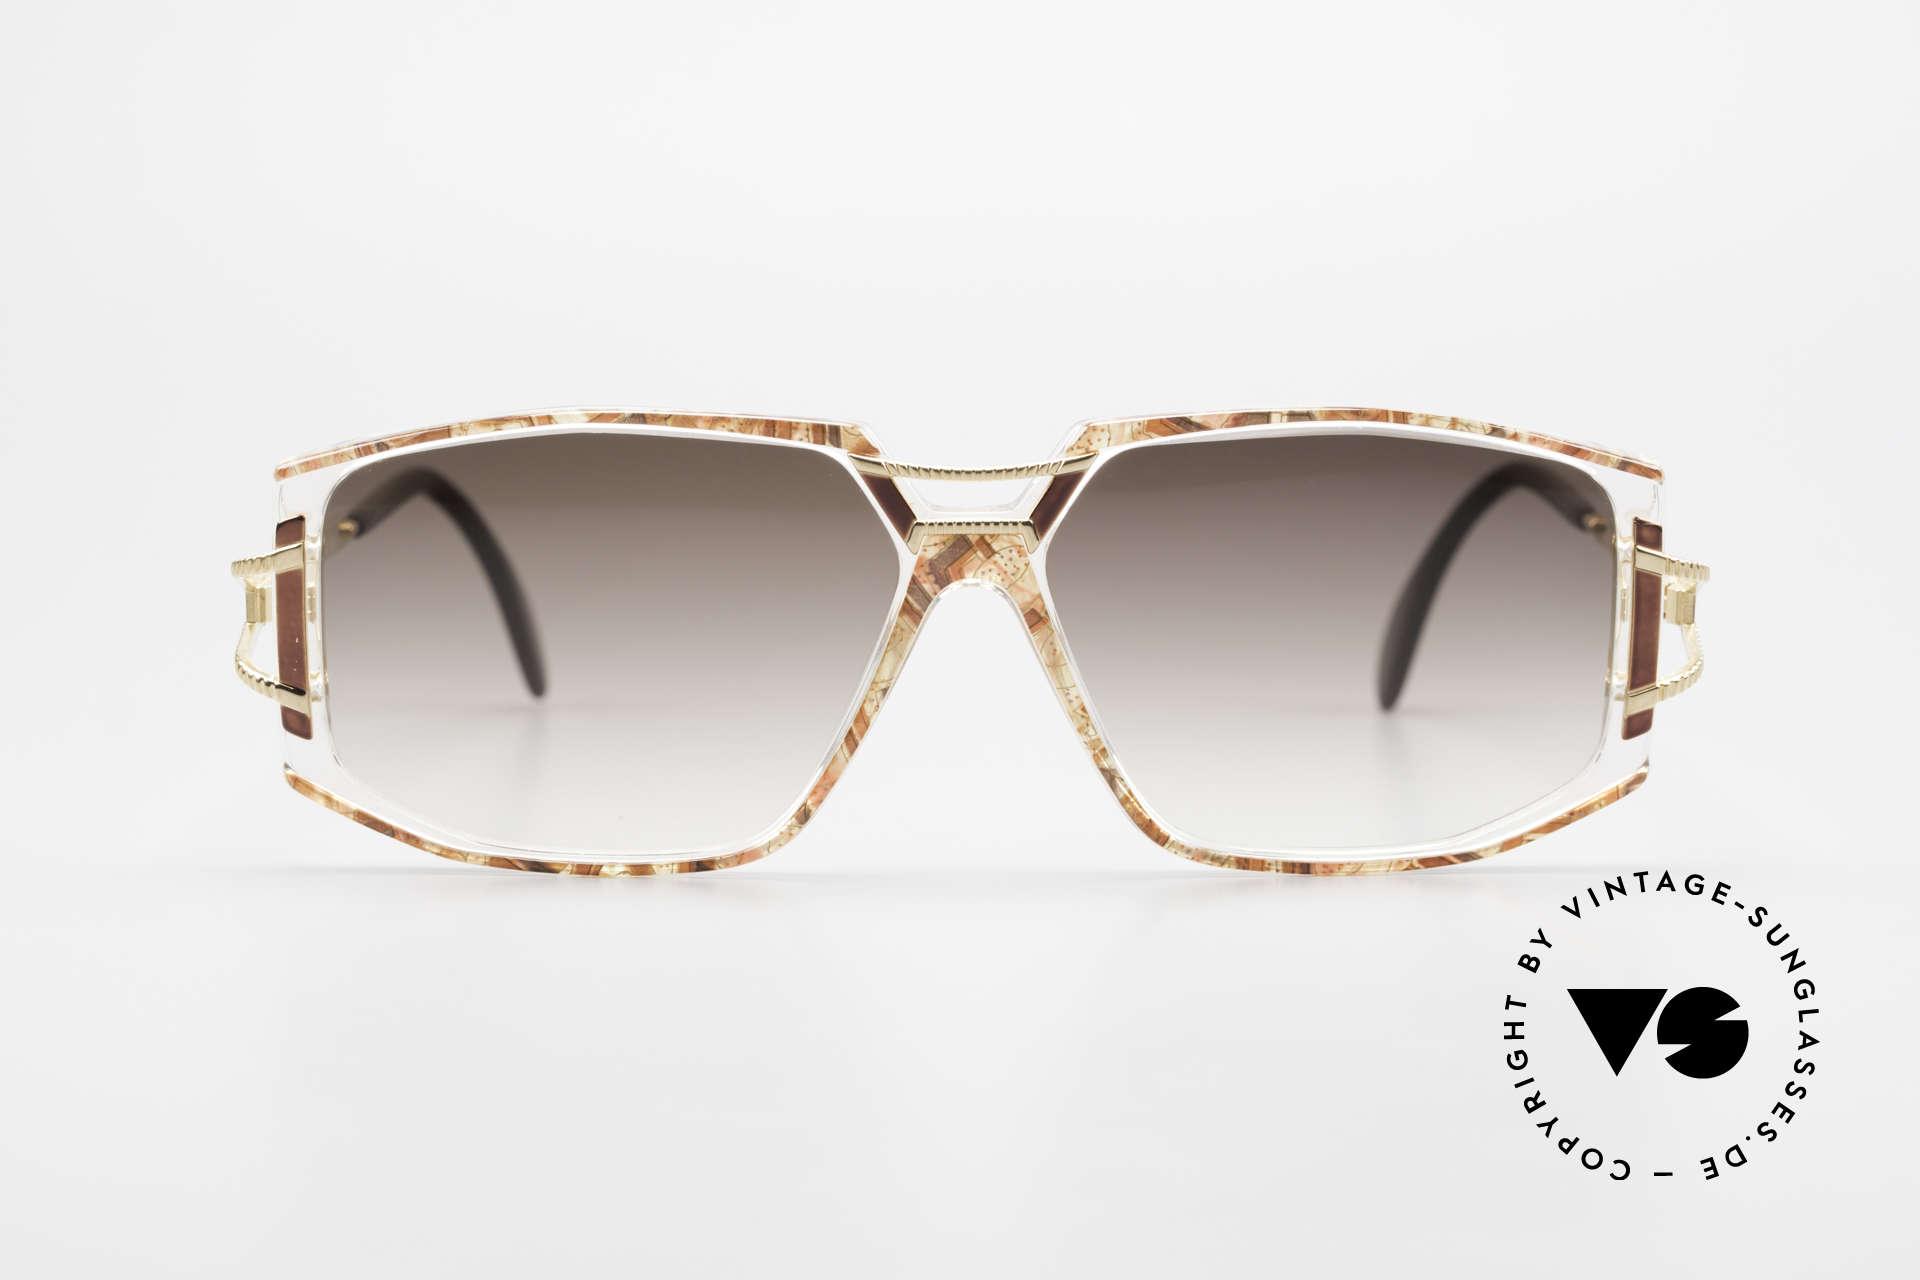 Cazal 362 90er Damen Sonnenbrille Cazal, tolle Gestaltung der Bügelgelenke & Rahmenfront, Passend für Damen